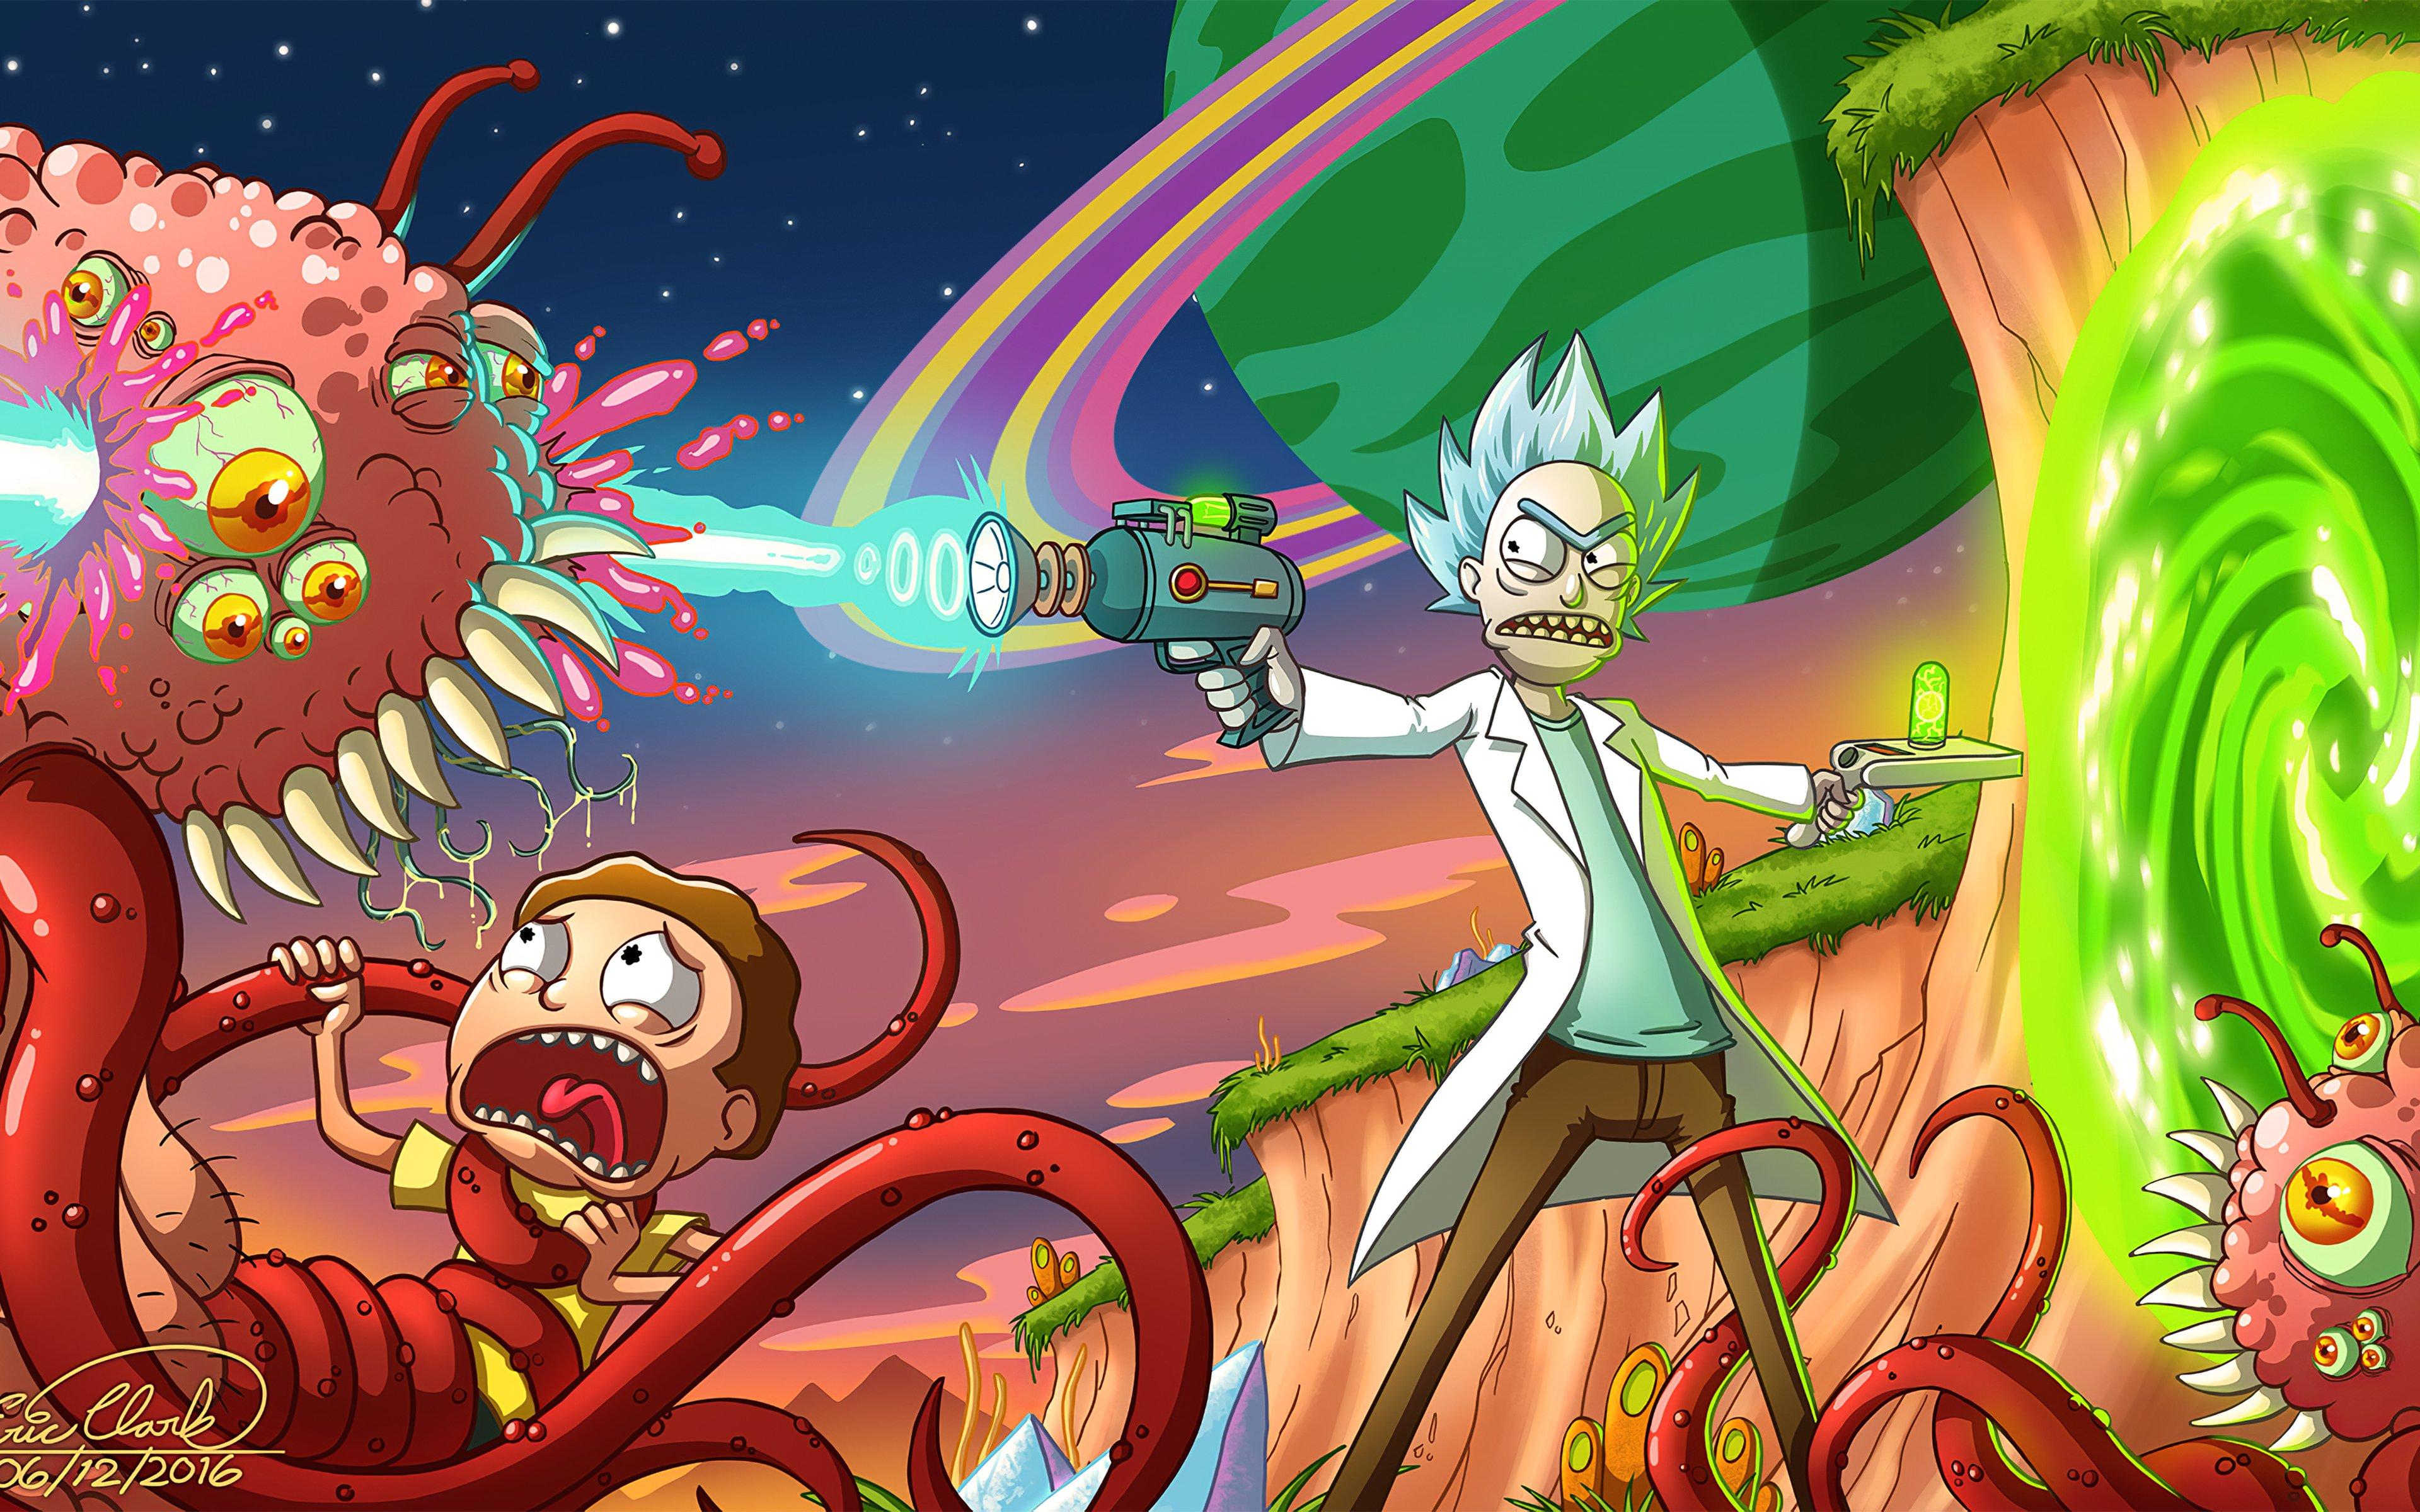 Fondos de pantalla Morty siendo atacado